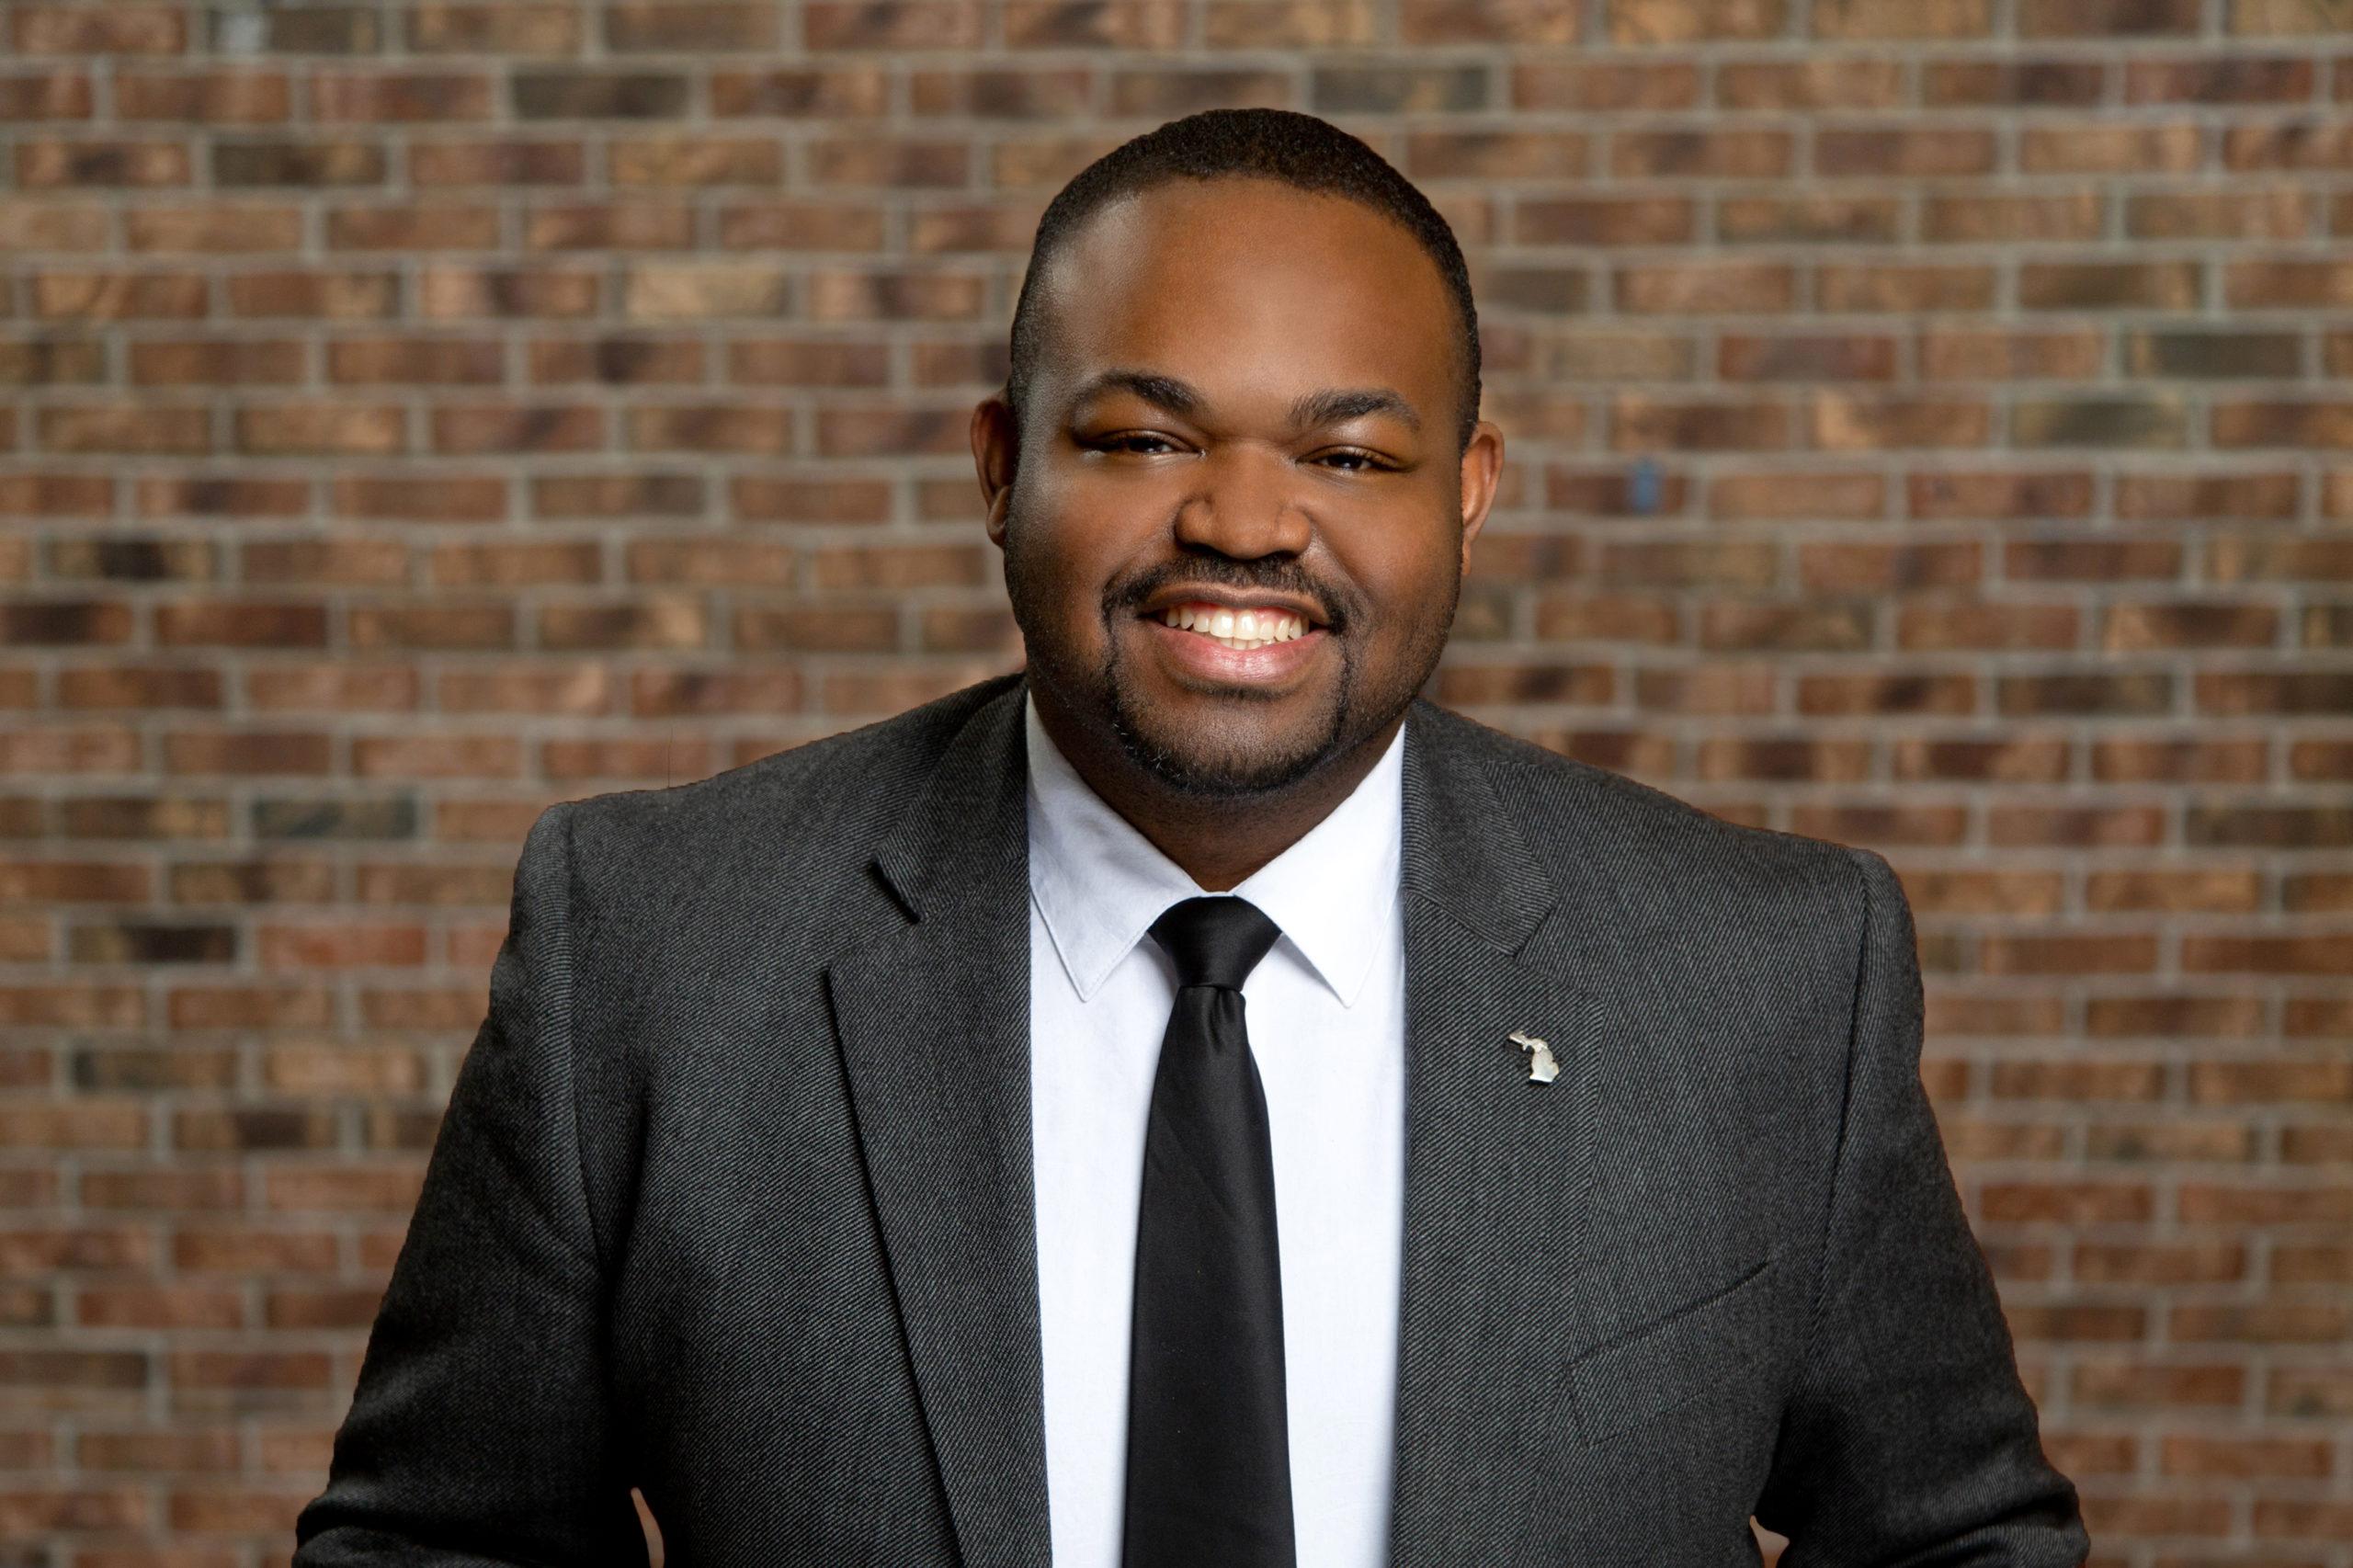 Dondré D. Young, special projects coordinator at MPHI